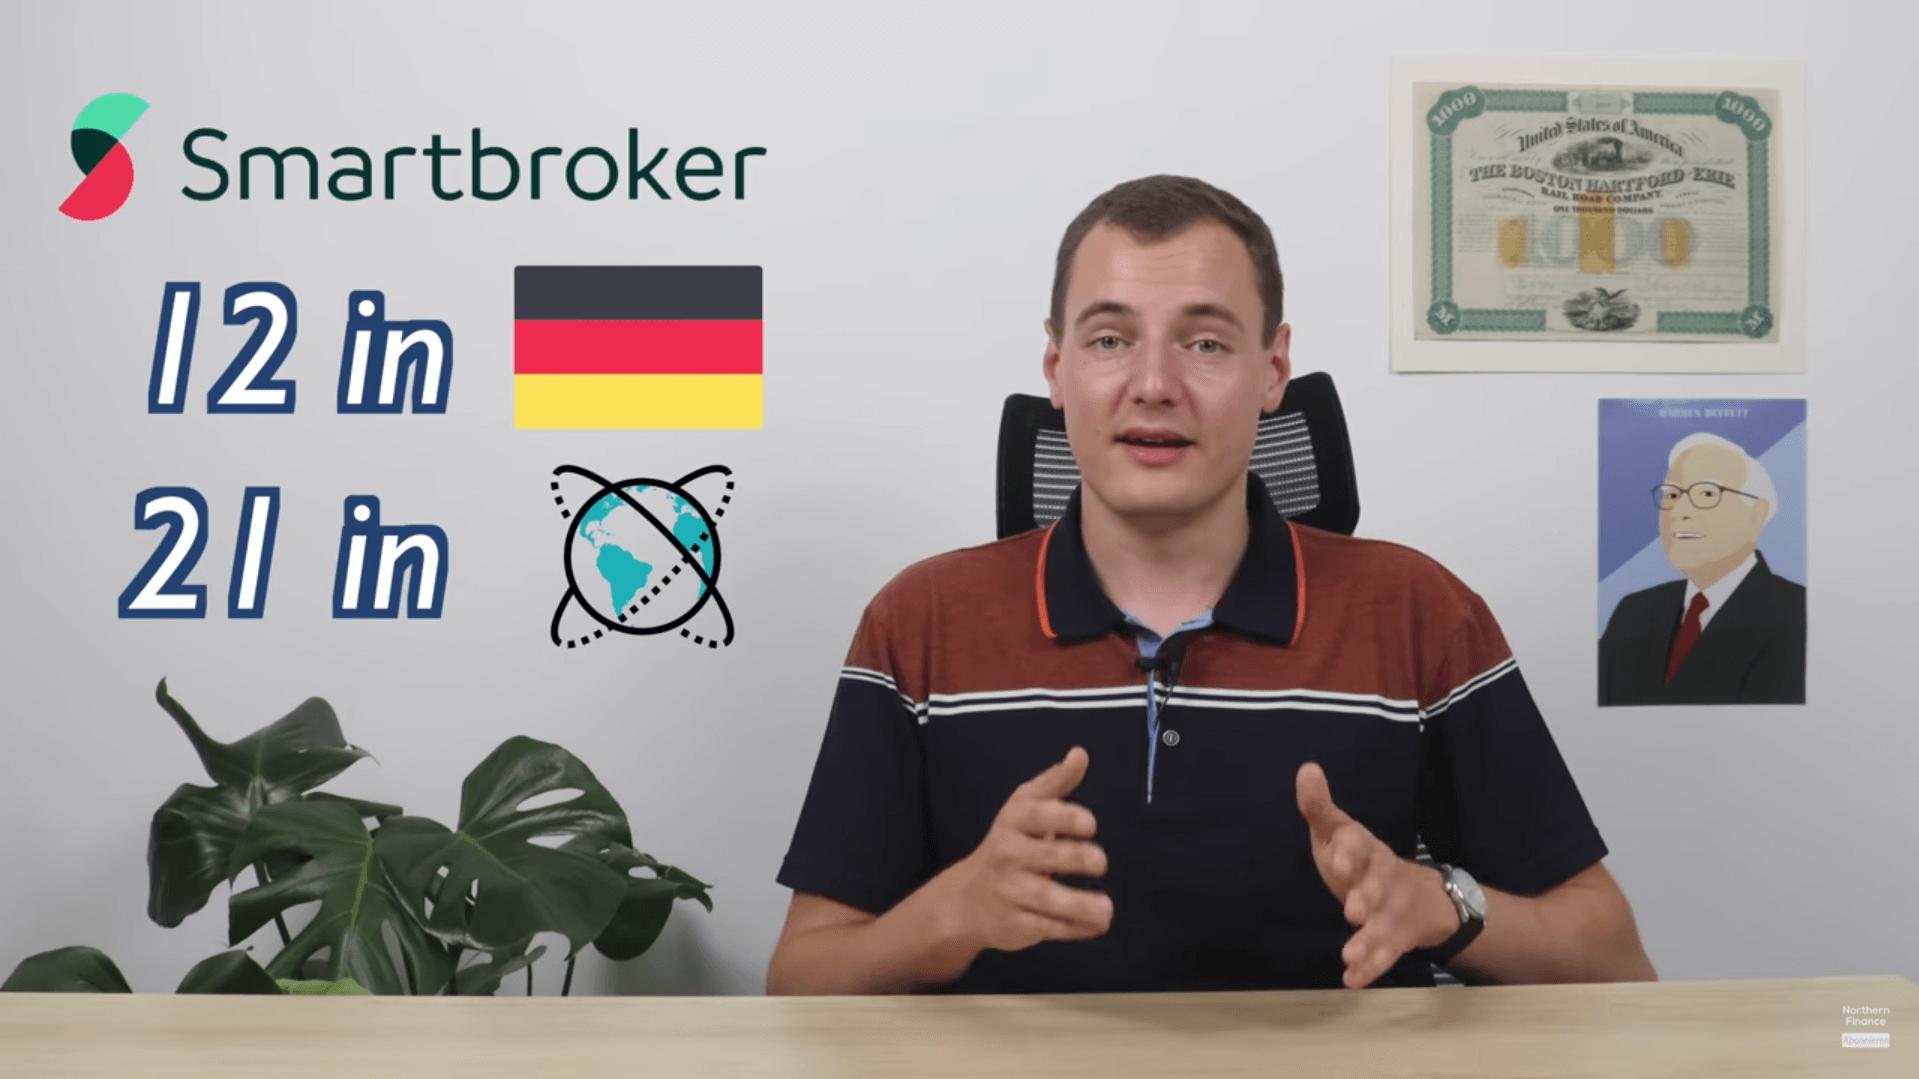 Grund dafür ist unter anderem die Zahl der Handelsplätze, die bei beiden Depots verfügbar sind: Während scalable mit gettex und XETRA zwei Handelsplätze anbietet, sind es beim Smartbroker 12 in Deutschland und 21 weitere im Ausland! Es gibt hier